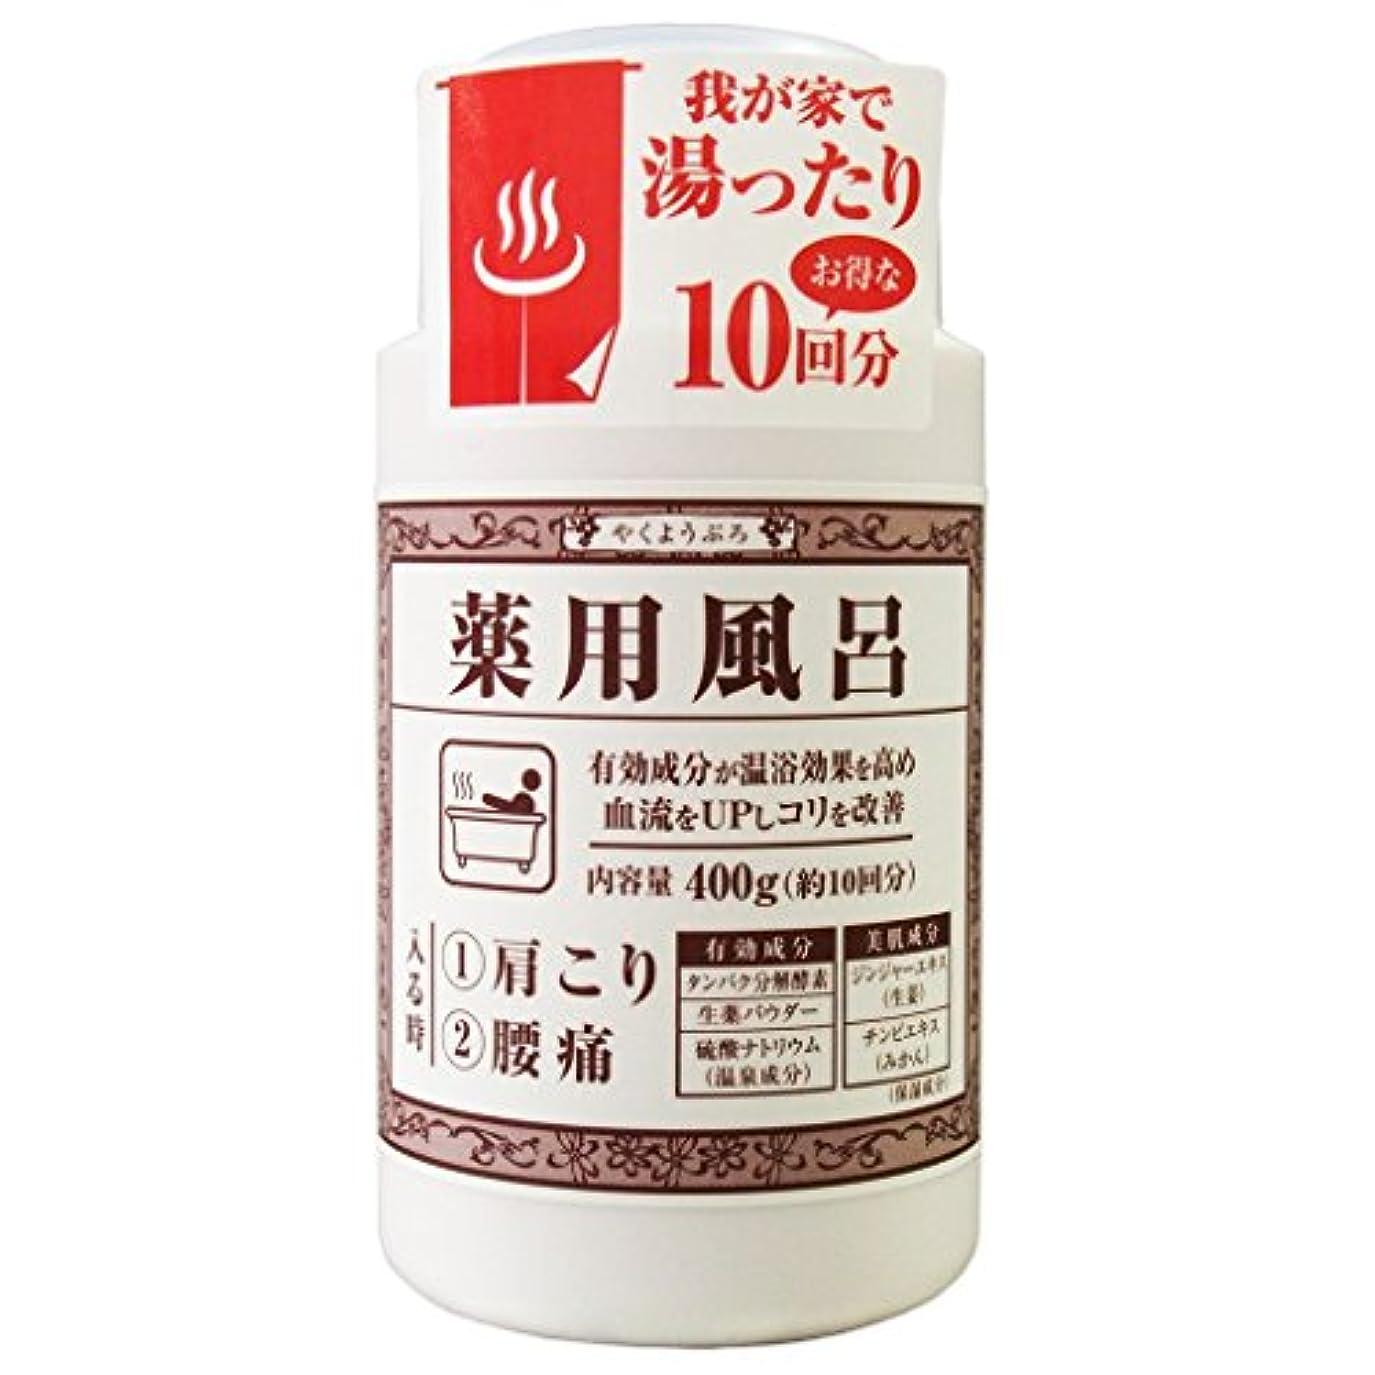 タップドアミラー病院薬用風呂KKa 肩こり?腰痛 ボトル 400g(医薬部外品)